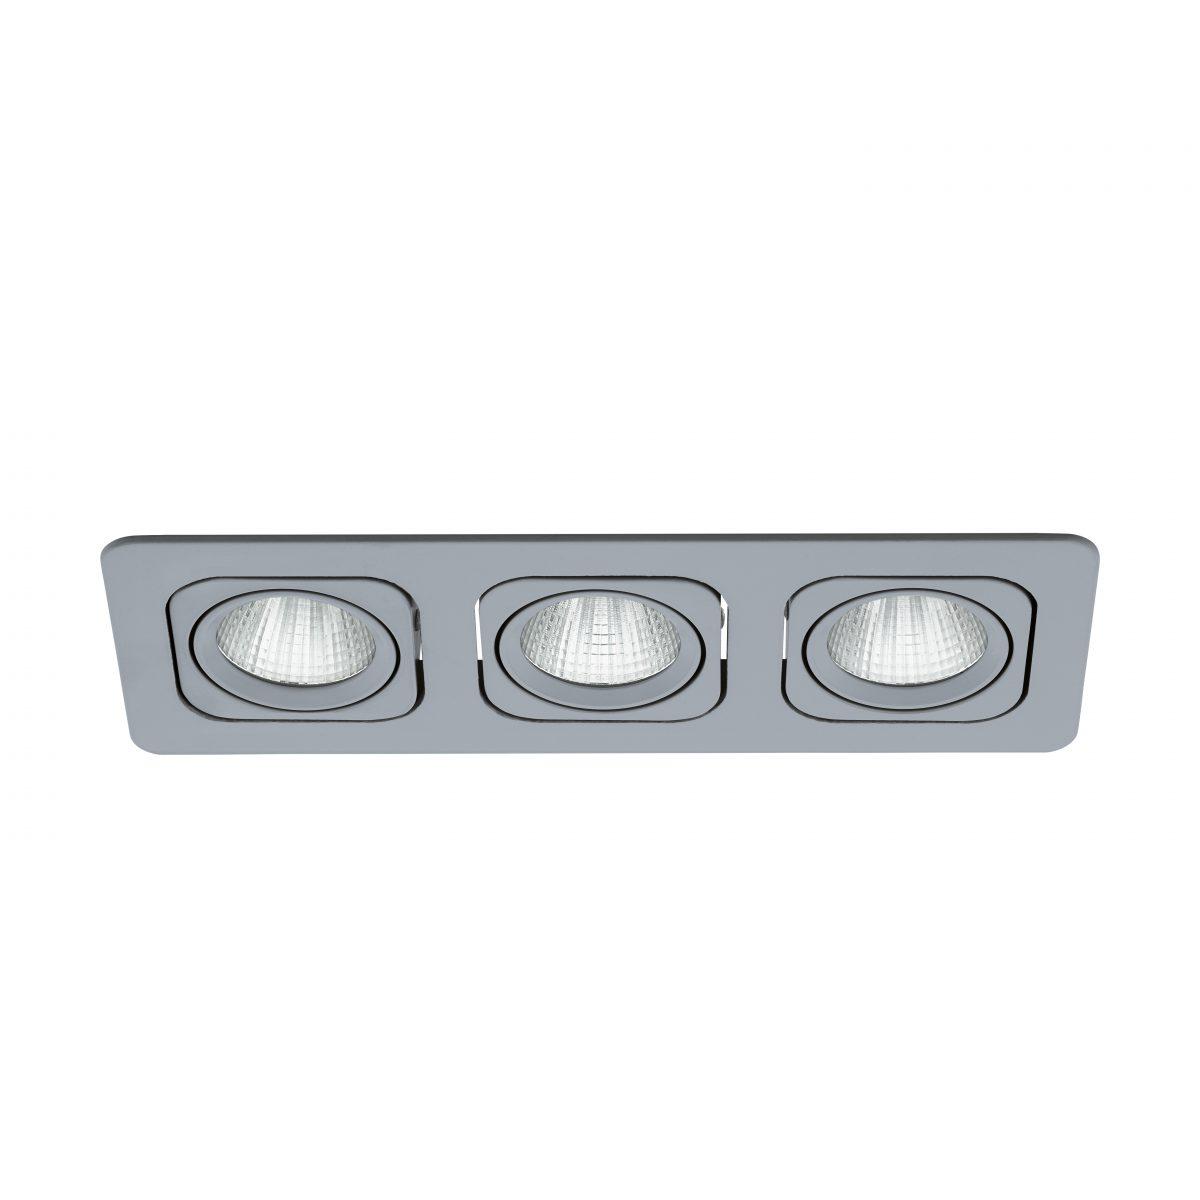 Светильник настенно-потолочный VASCELLO/PROFESSION EGLO 61654 - Фото №28